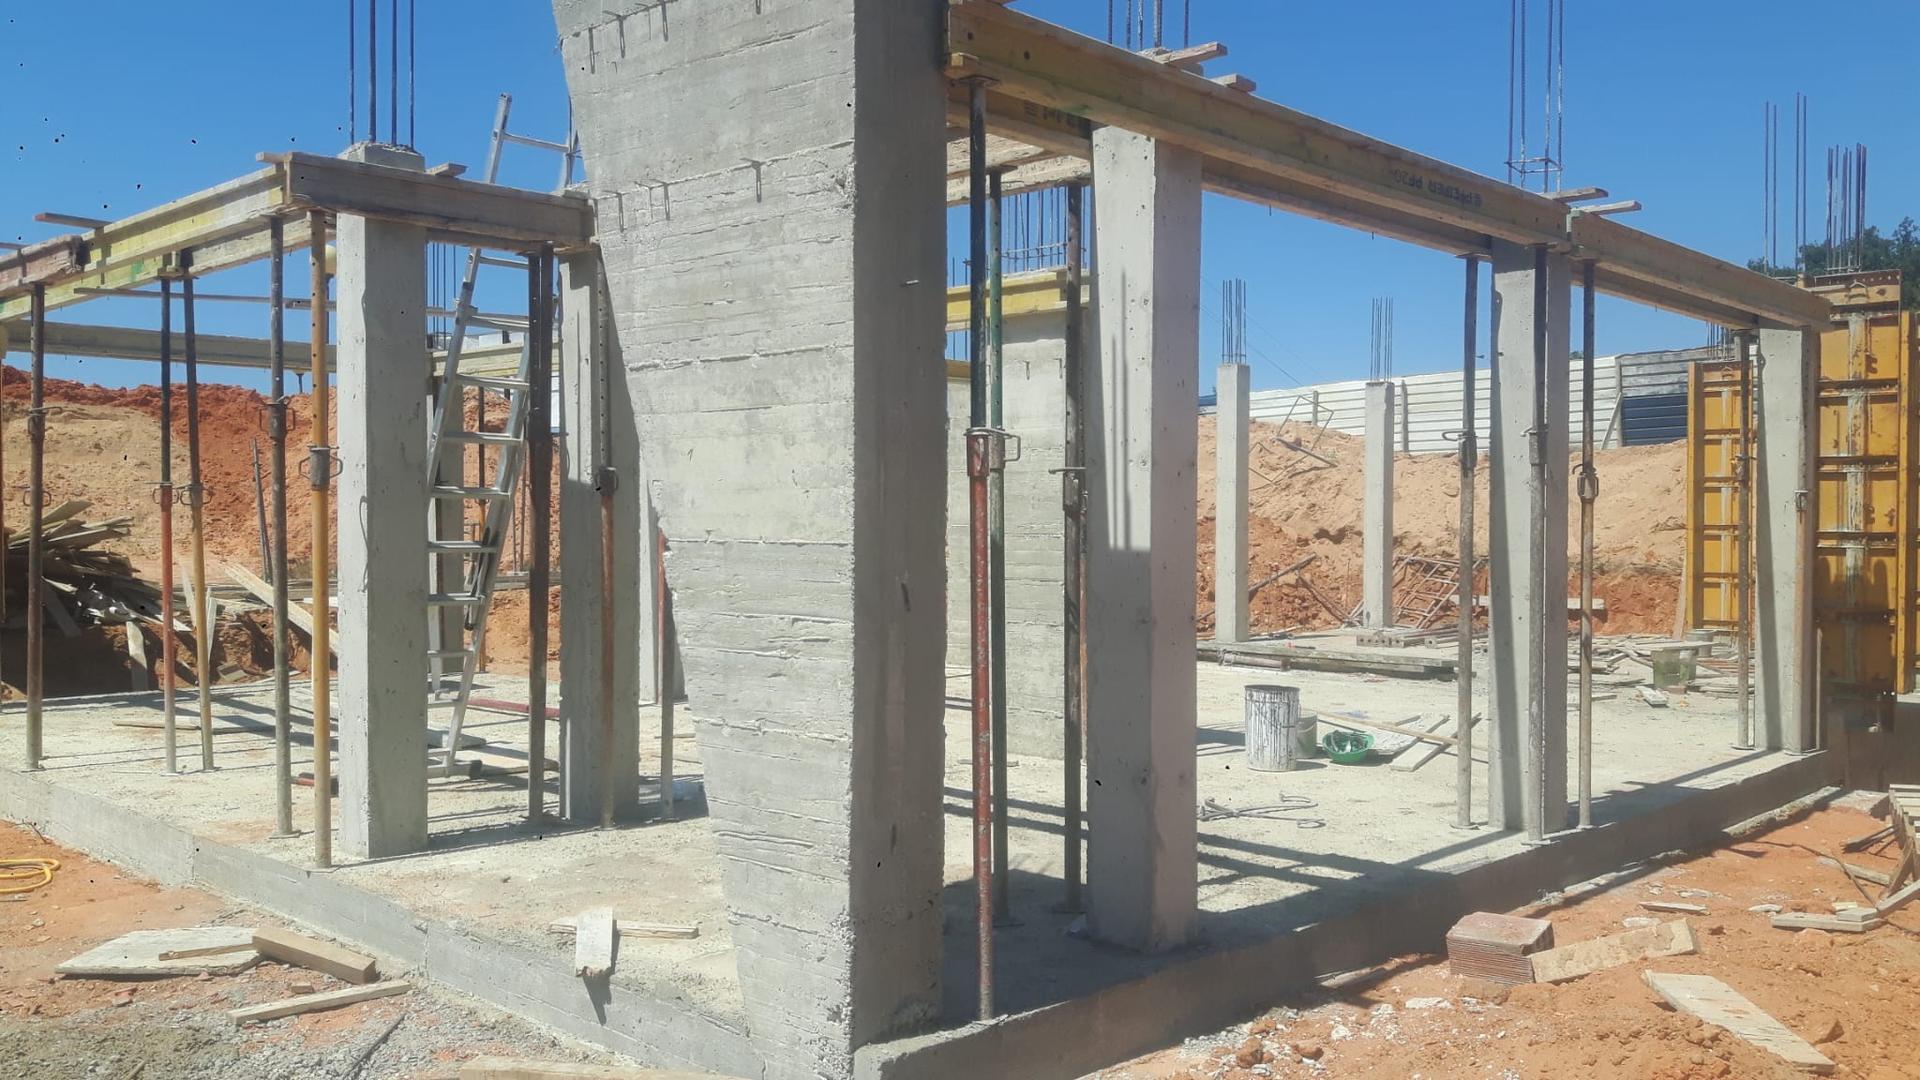 Náš portugalský domov ❤️🏡 - 15. Júl 2021 Začiatok príprav konštrukcie platne 1. Poschodia